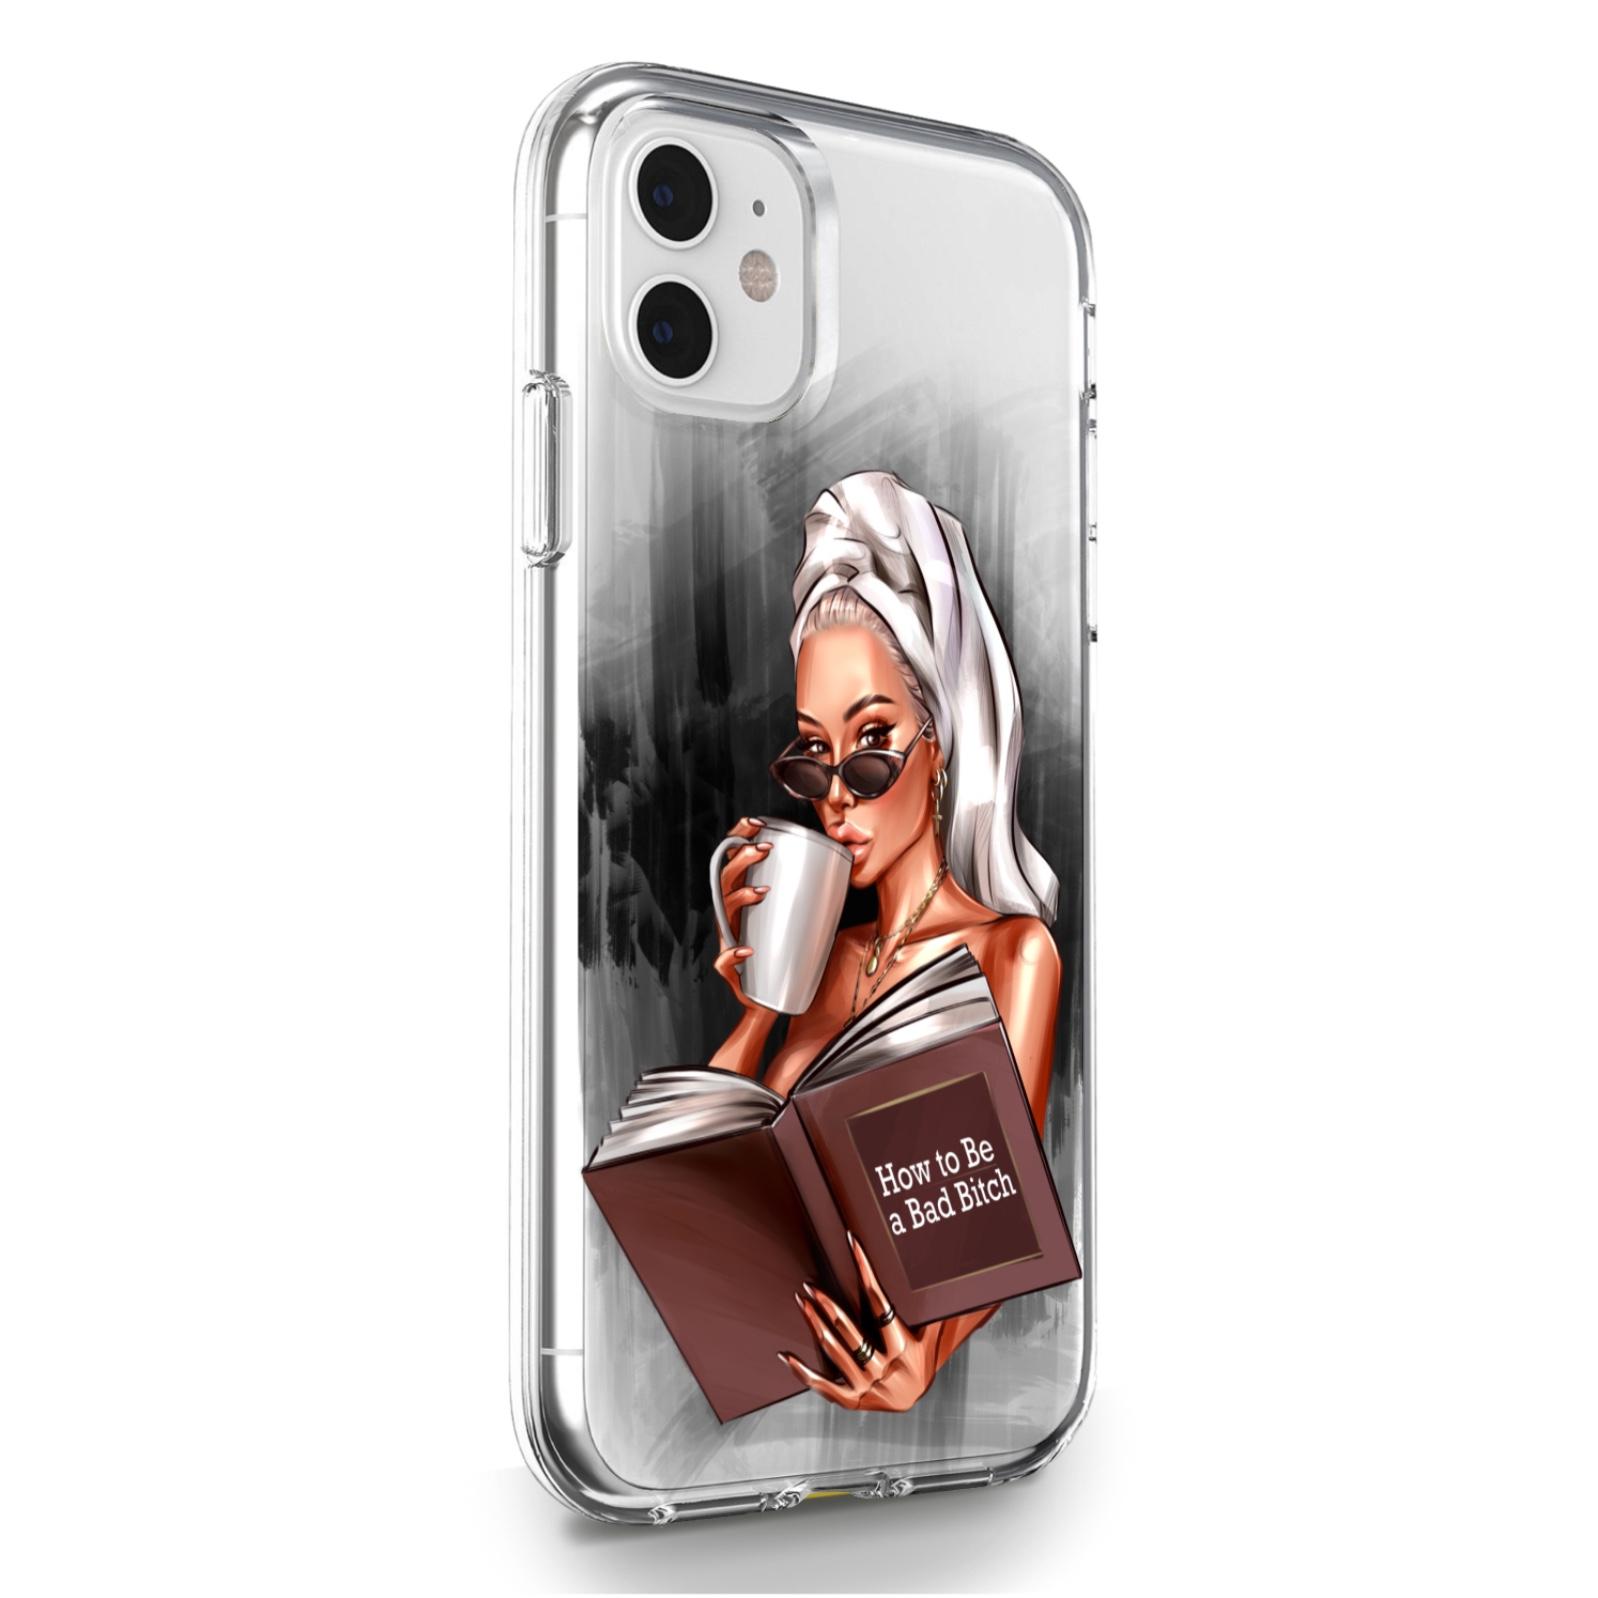 Прозрачный силиконовый чехол для iPhone 11 How to be a bad Bitch для Айфон 11